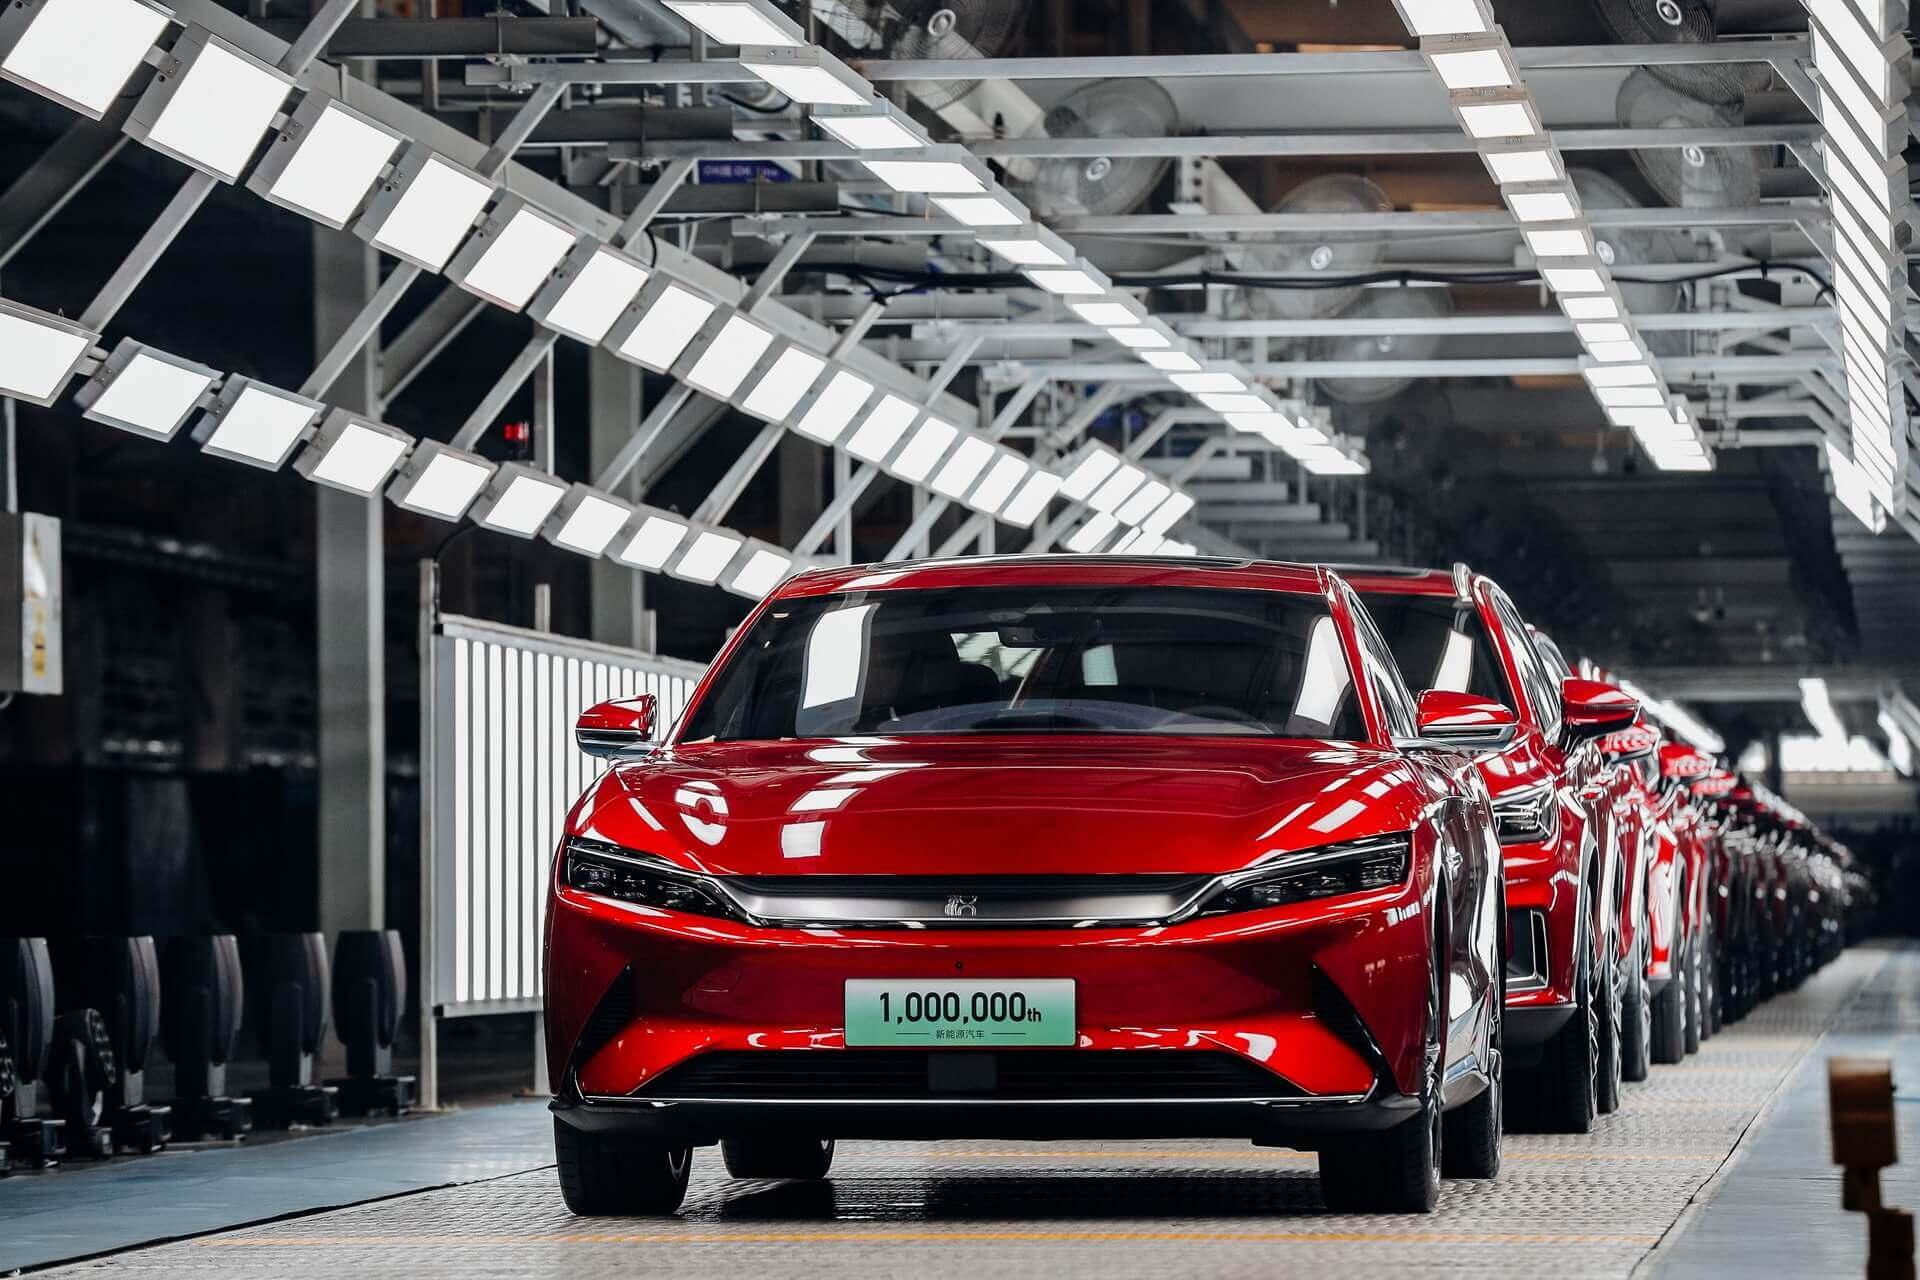 1000000-м электромобилем стал Han EV, который в настоящее время является самой продаваемой электрифицированной моделью BYD